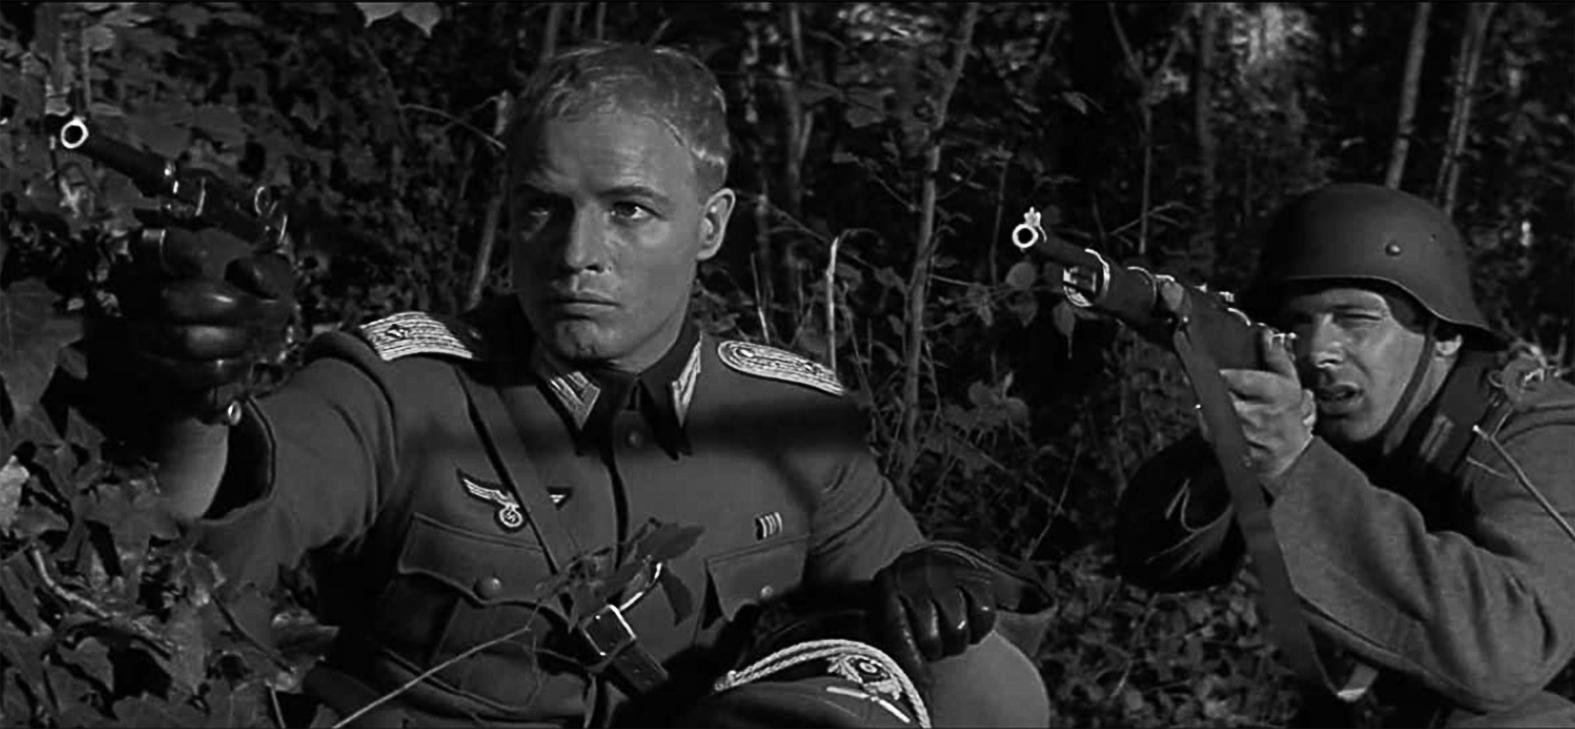 Marlon Brando az 1958-as Oroszlánkölykök című filmben, ami Irwin Shaw regénye alapján készült #moszkvater